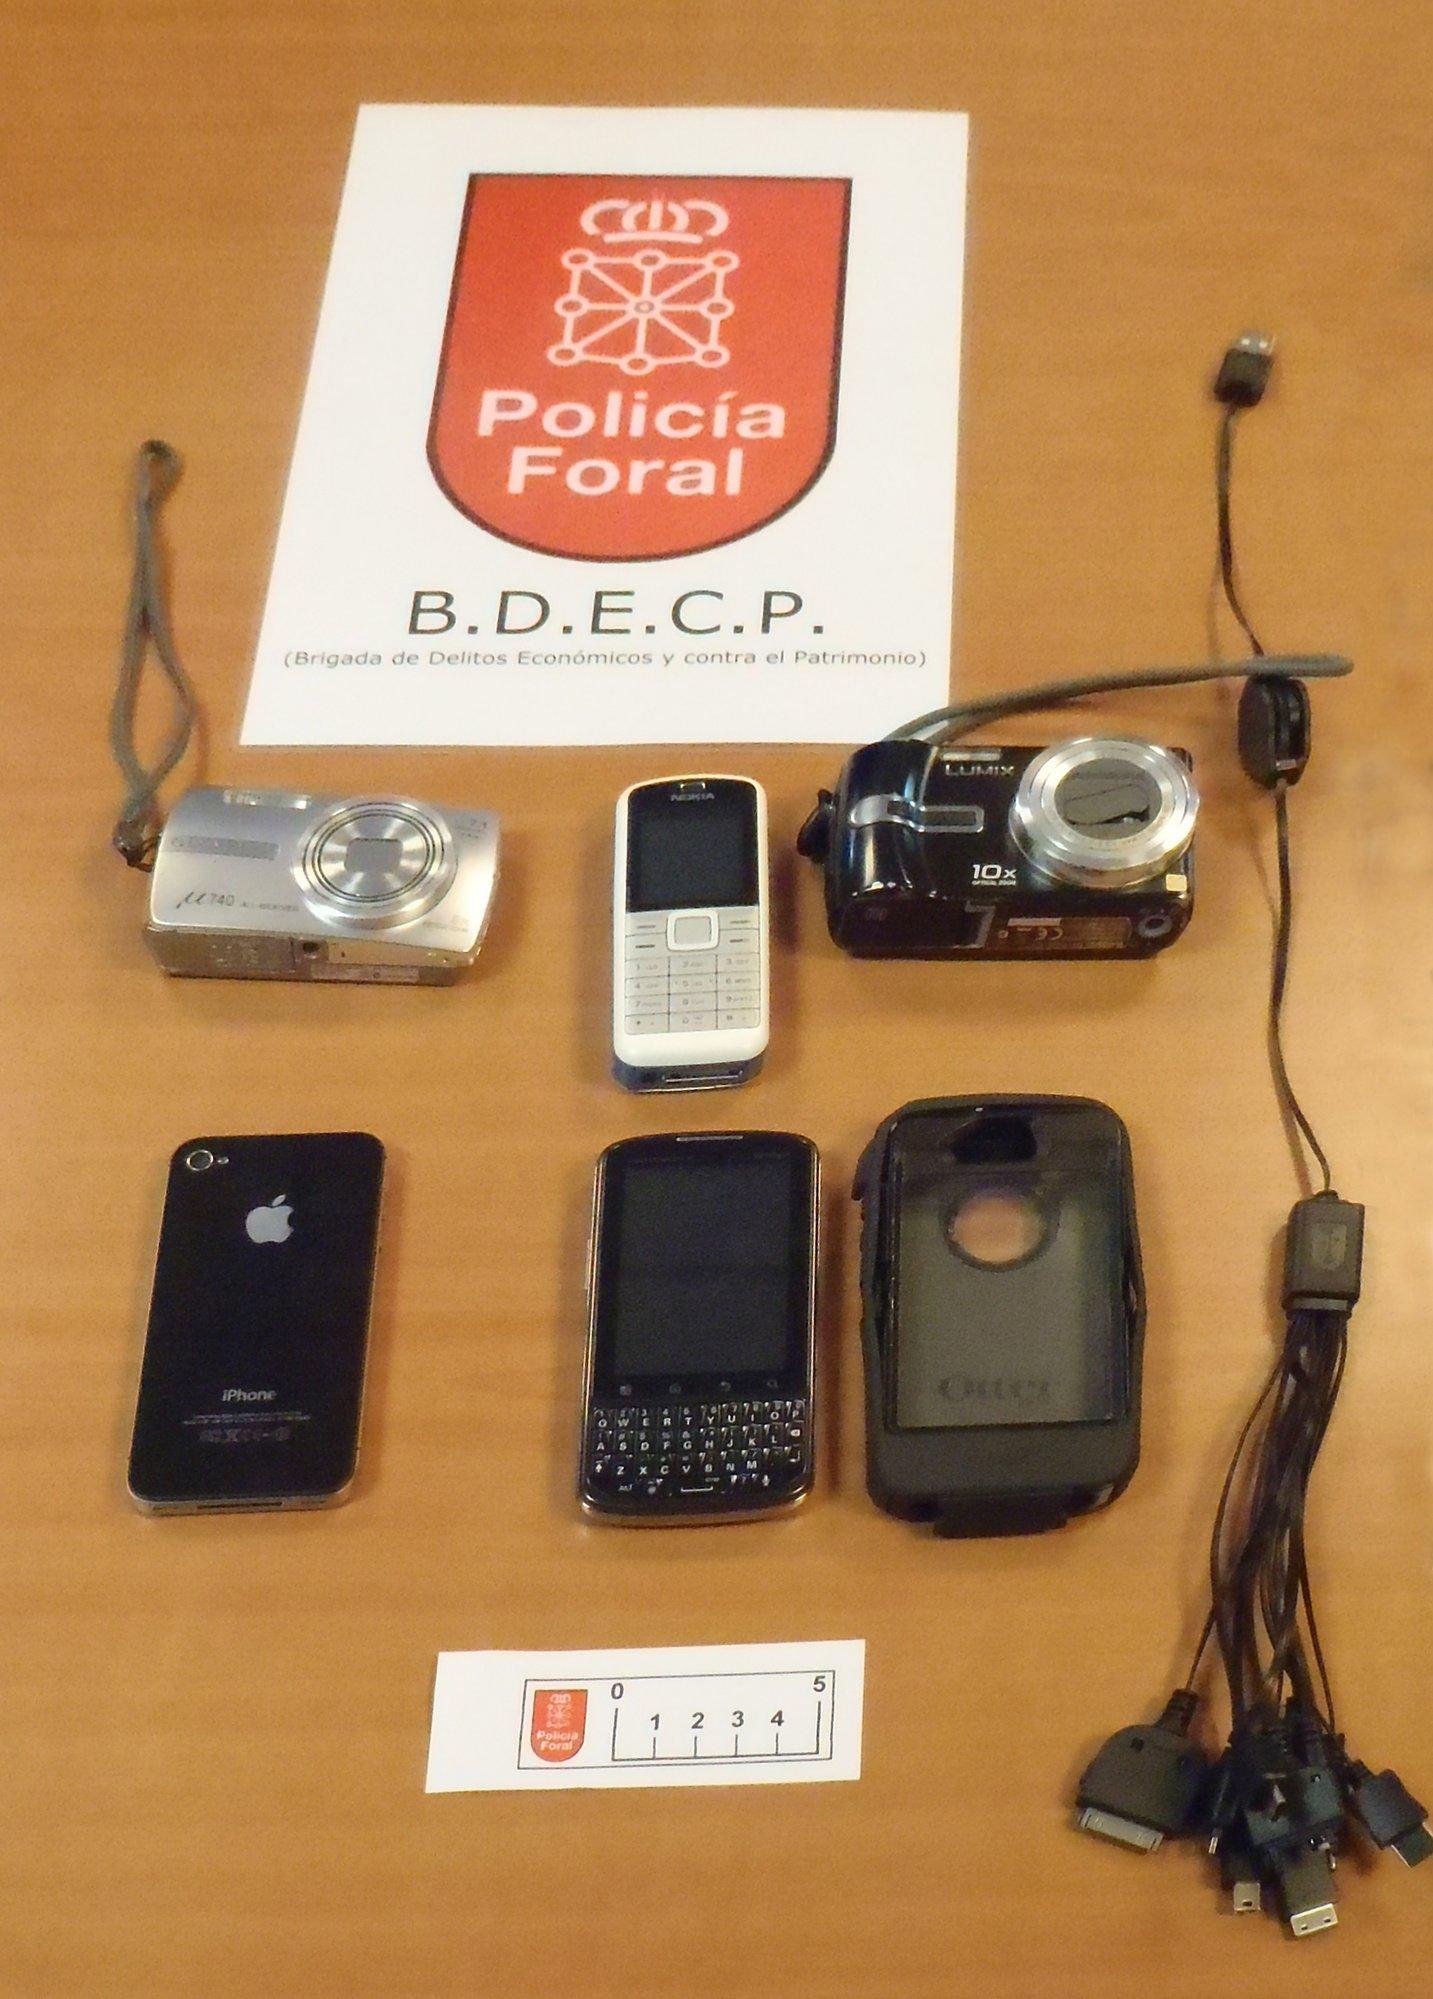 Dos detenidos por robar en un albergue de peregrinos en la Comarca de Pamplona